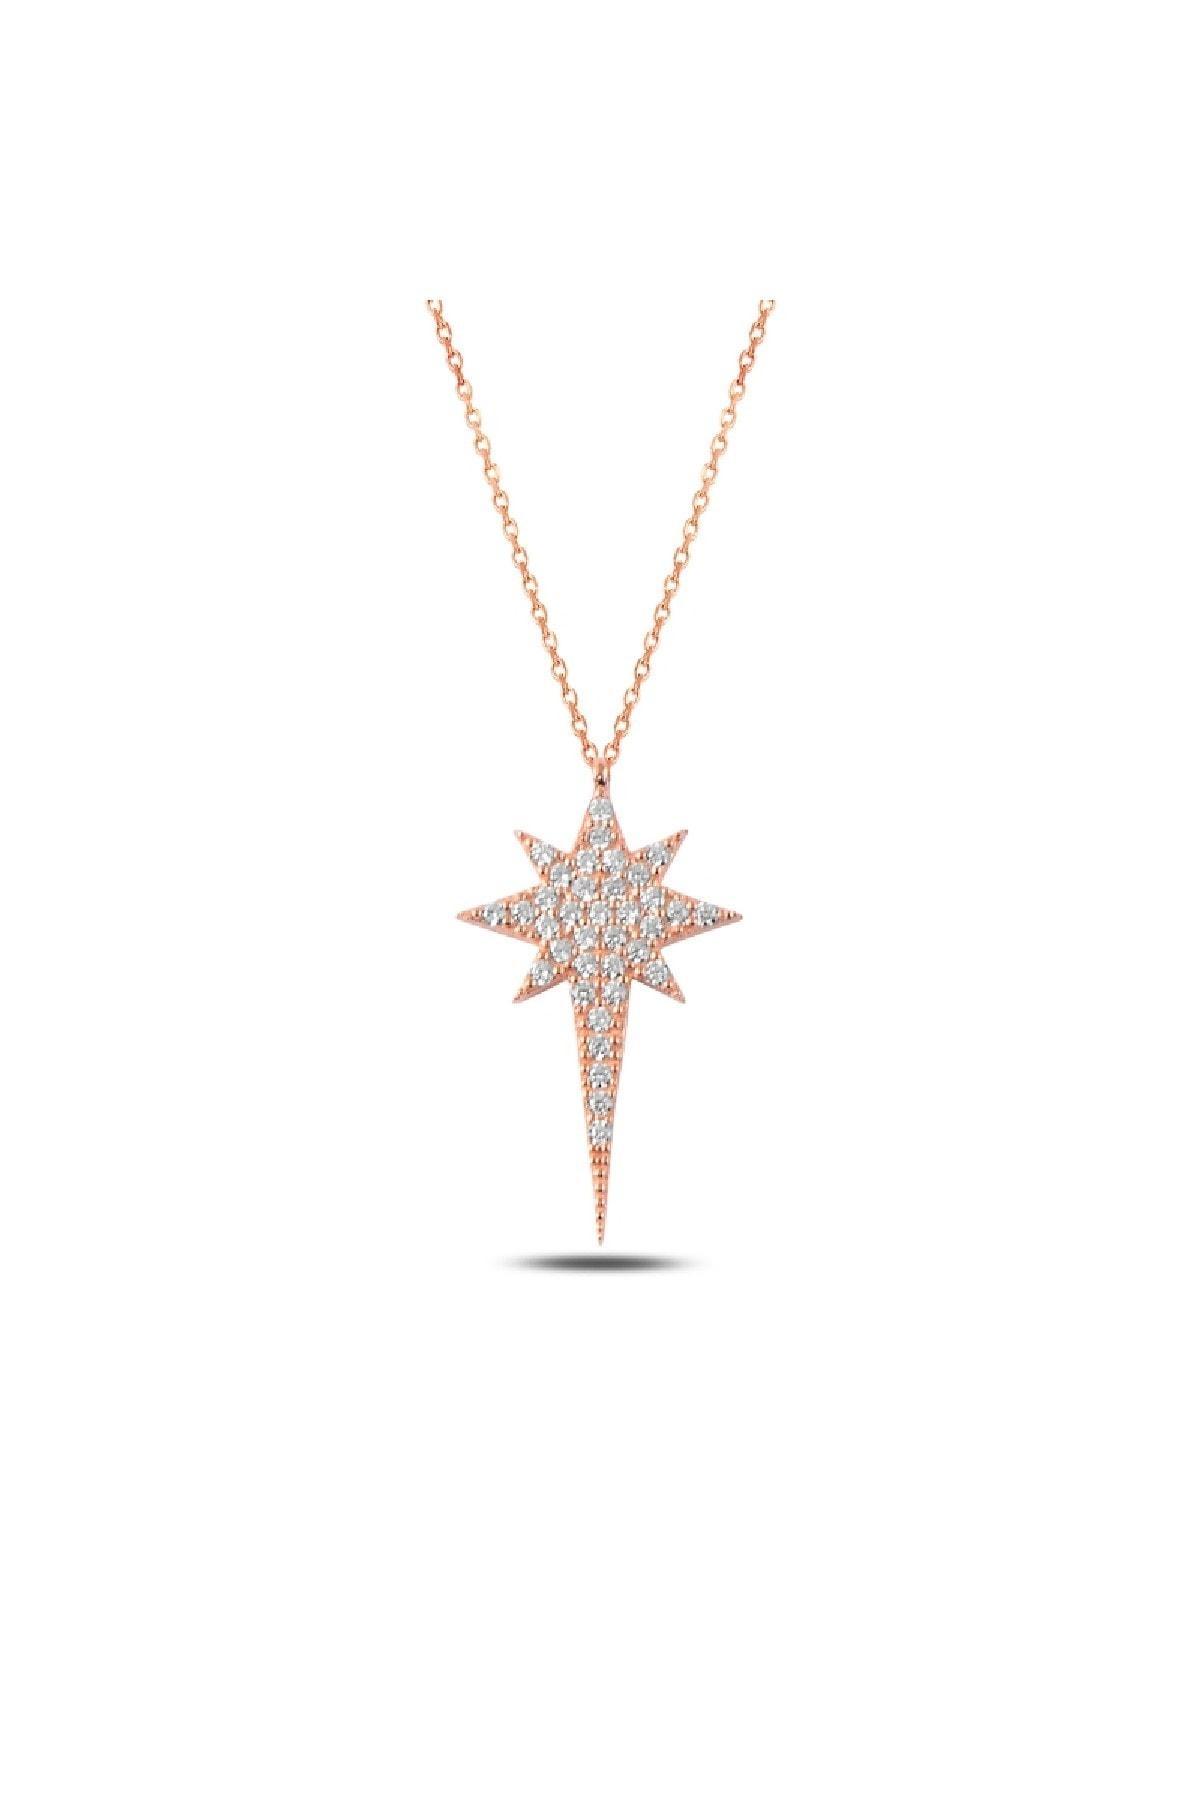 Silverella Gümüş 925 Ayar Zirkon Taşlı Kuzey Yıldızı Kolye